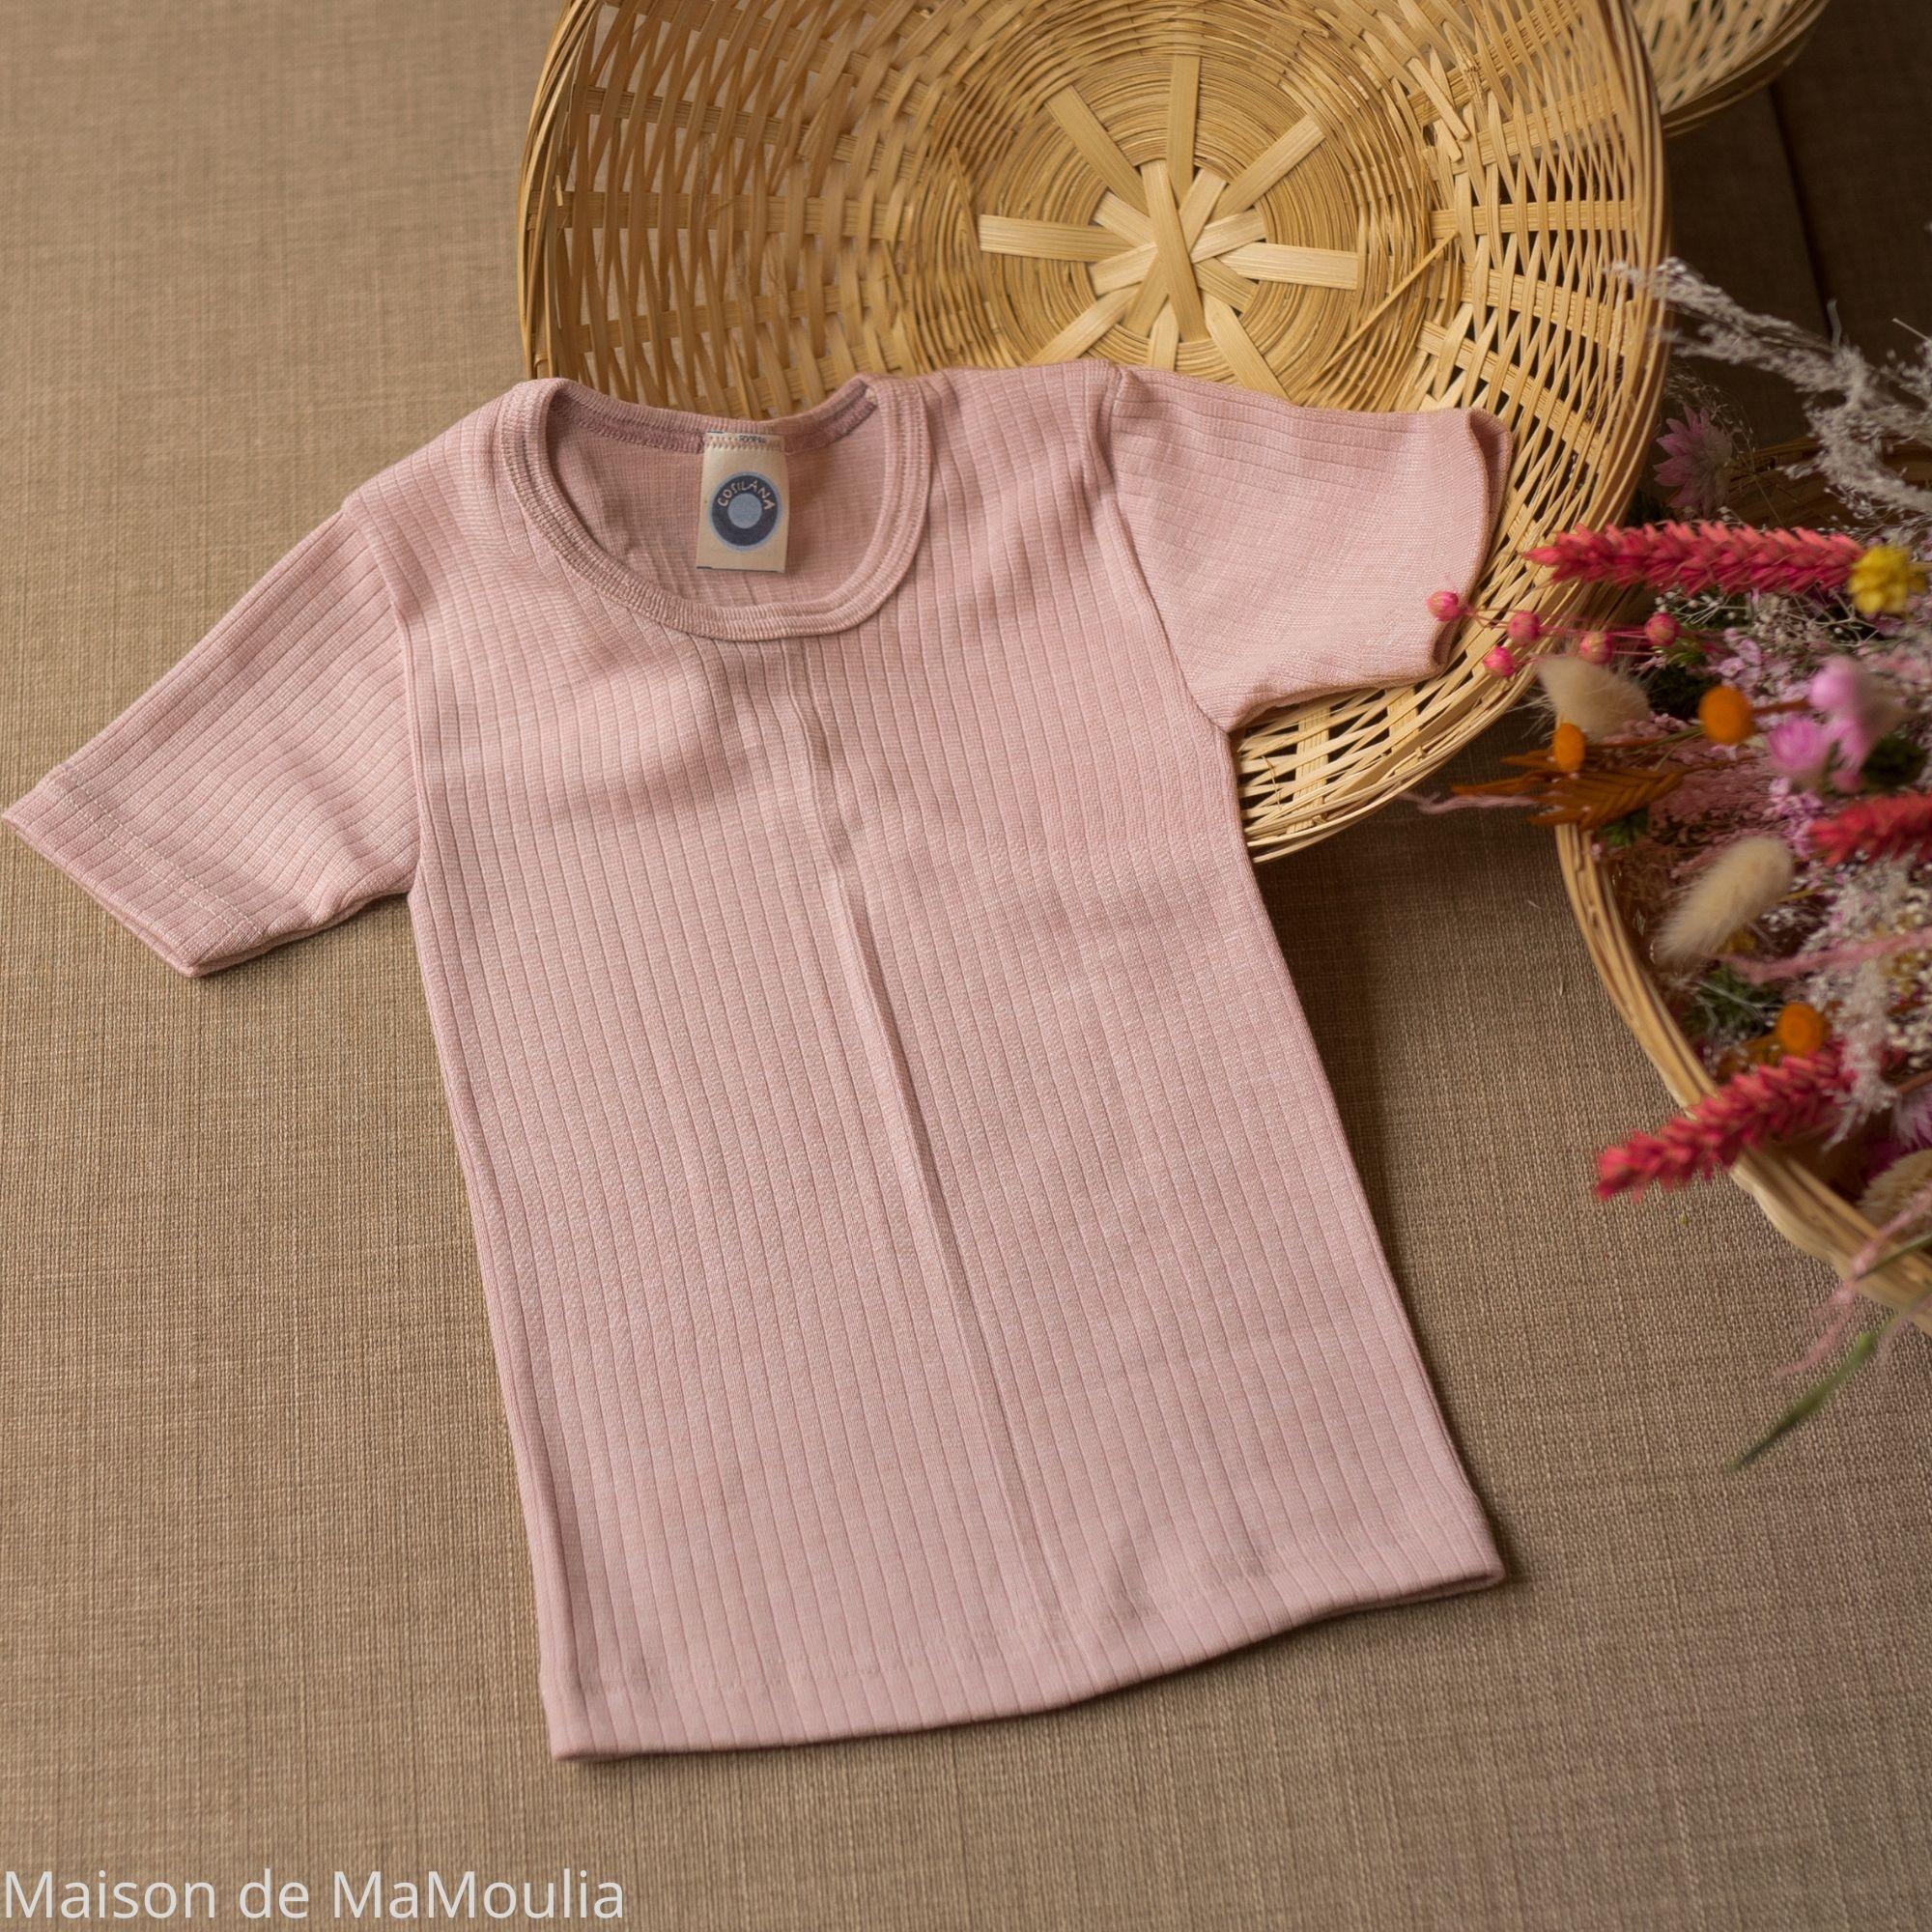 COSILANA - T-shirt manches courtes - Laine/Soie/Coton bio, Rose